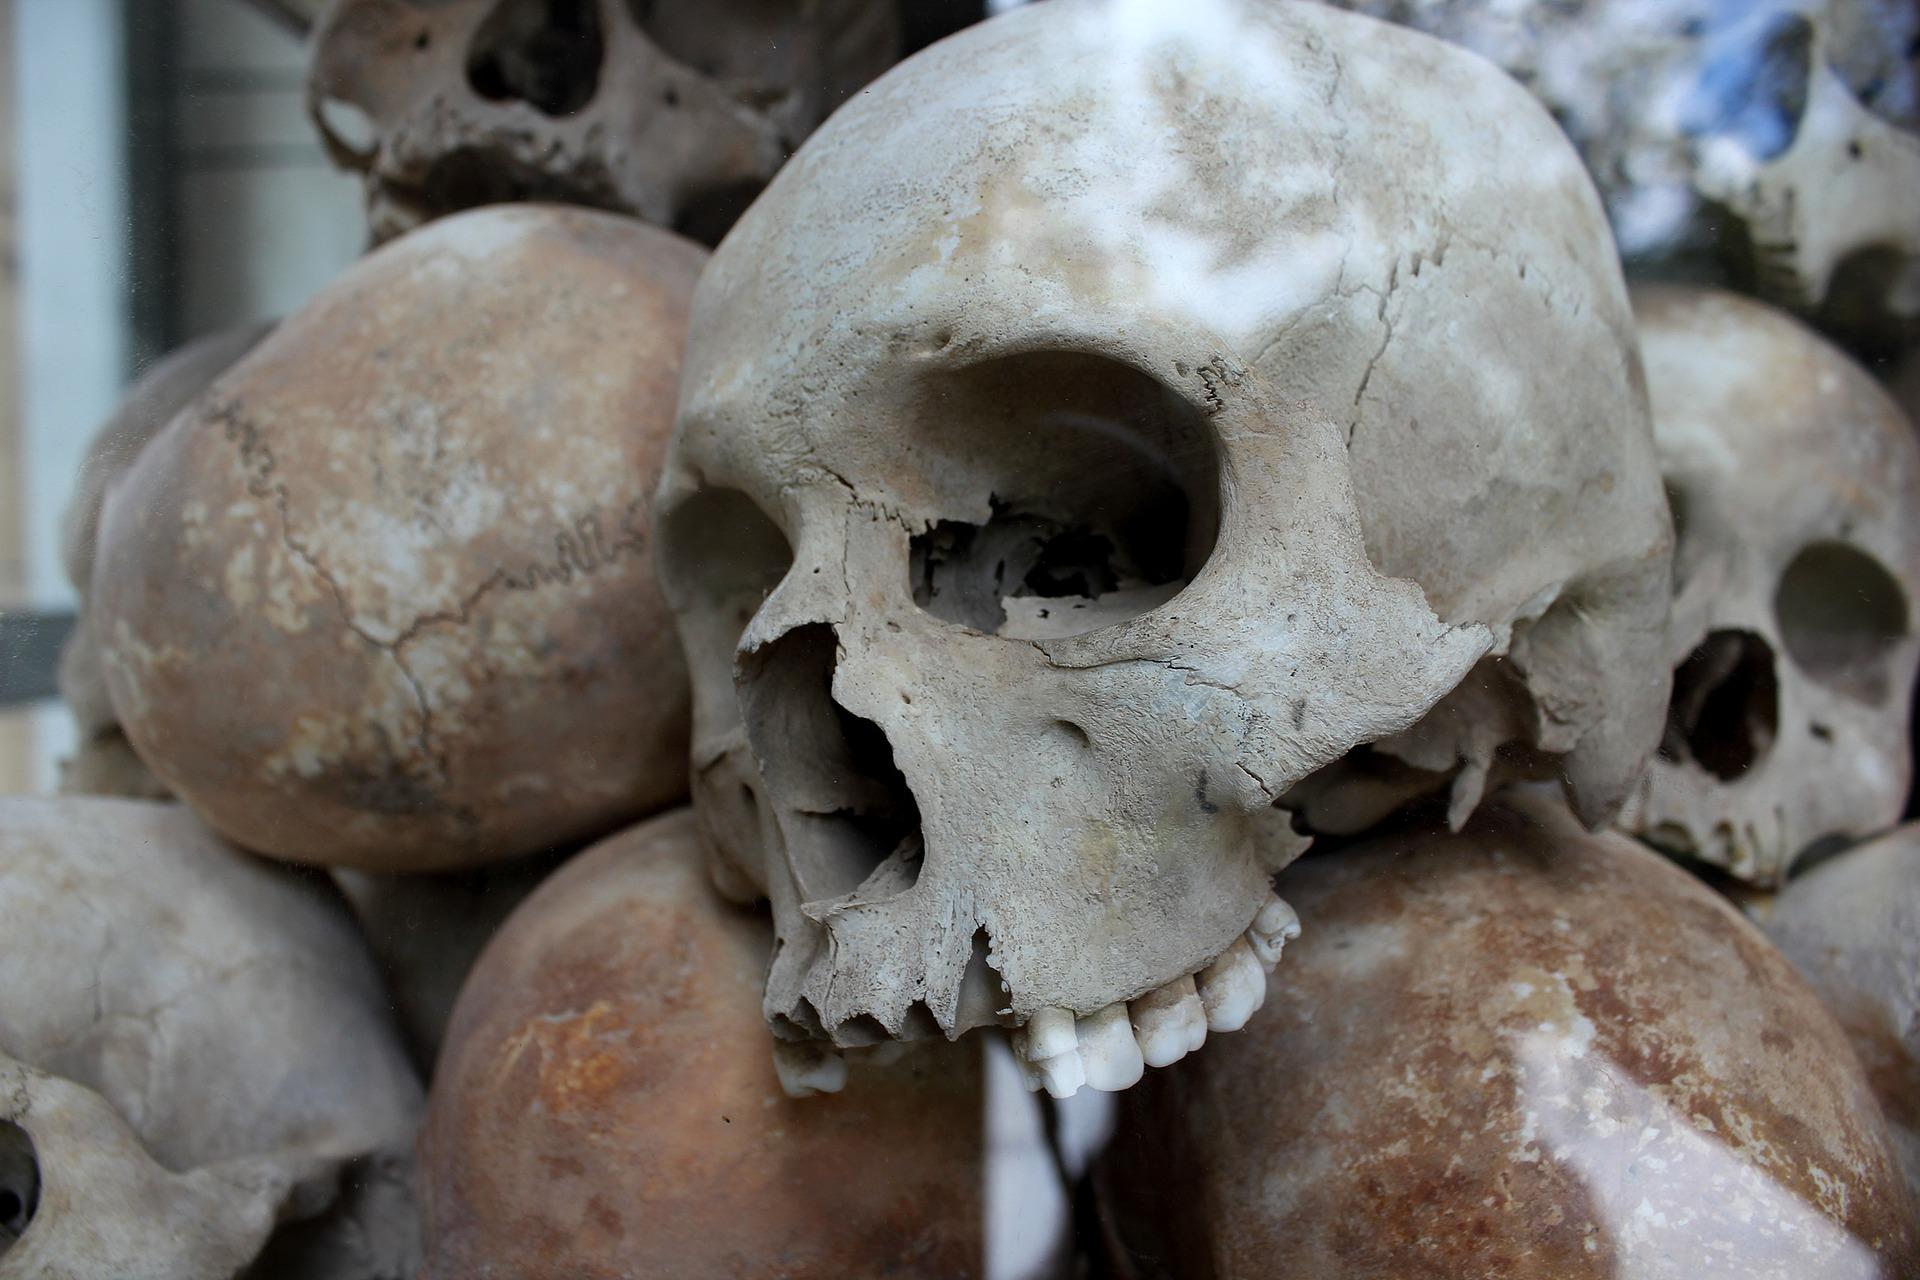 skulls-1433178_1920.jpg